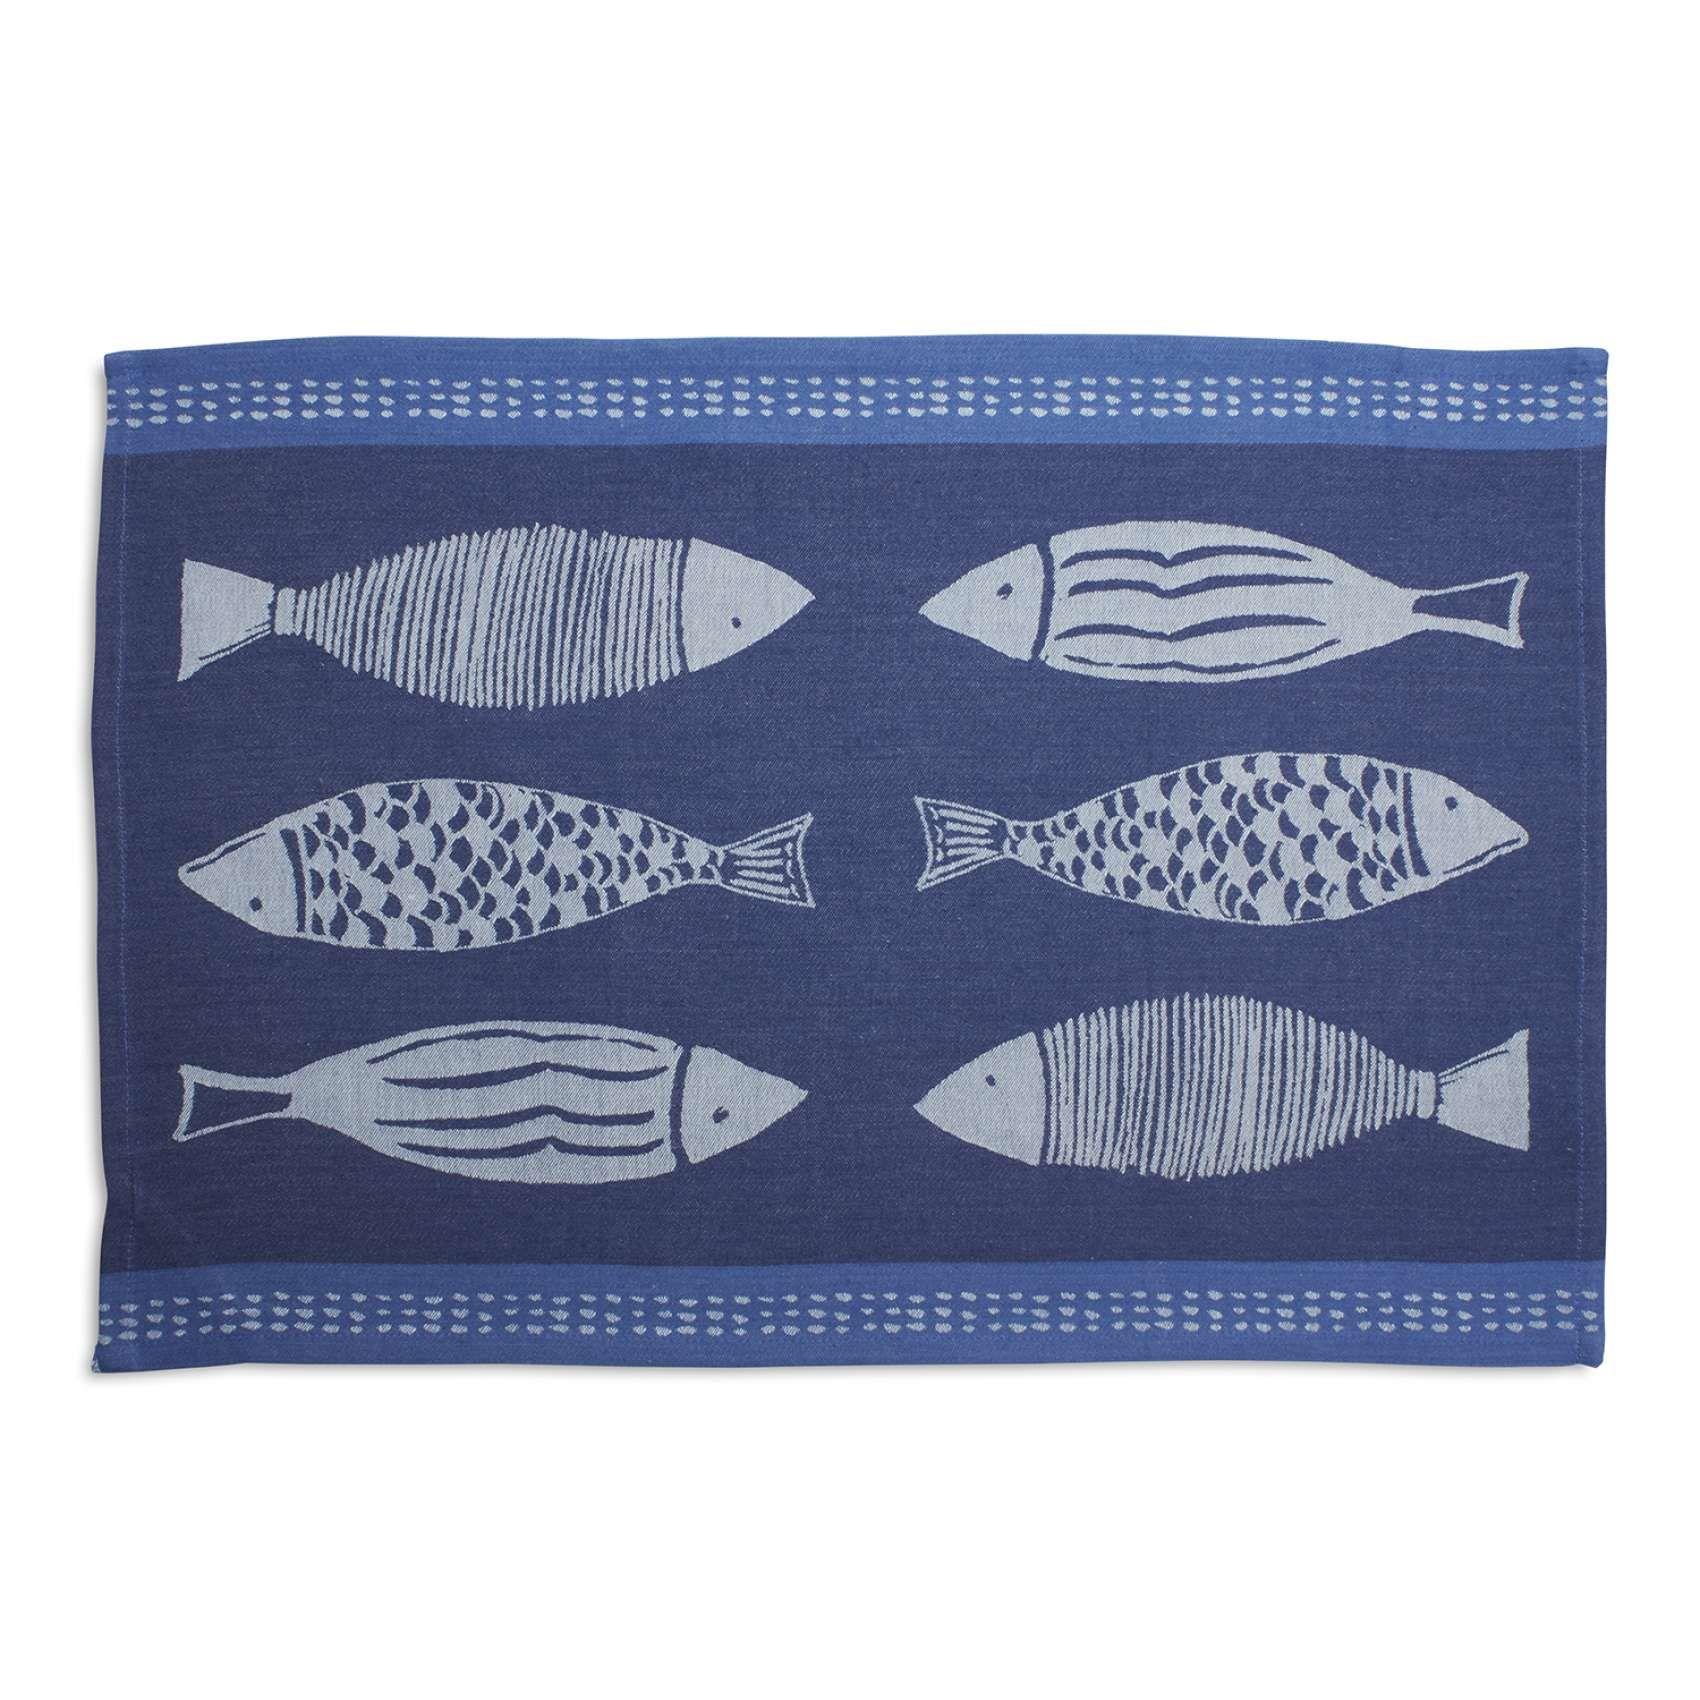 Jacquard Fish Kitchen Towel 28 X 18 Sur La Table Kitchen Towels Towel Sur La Table